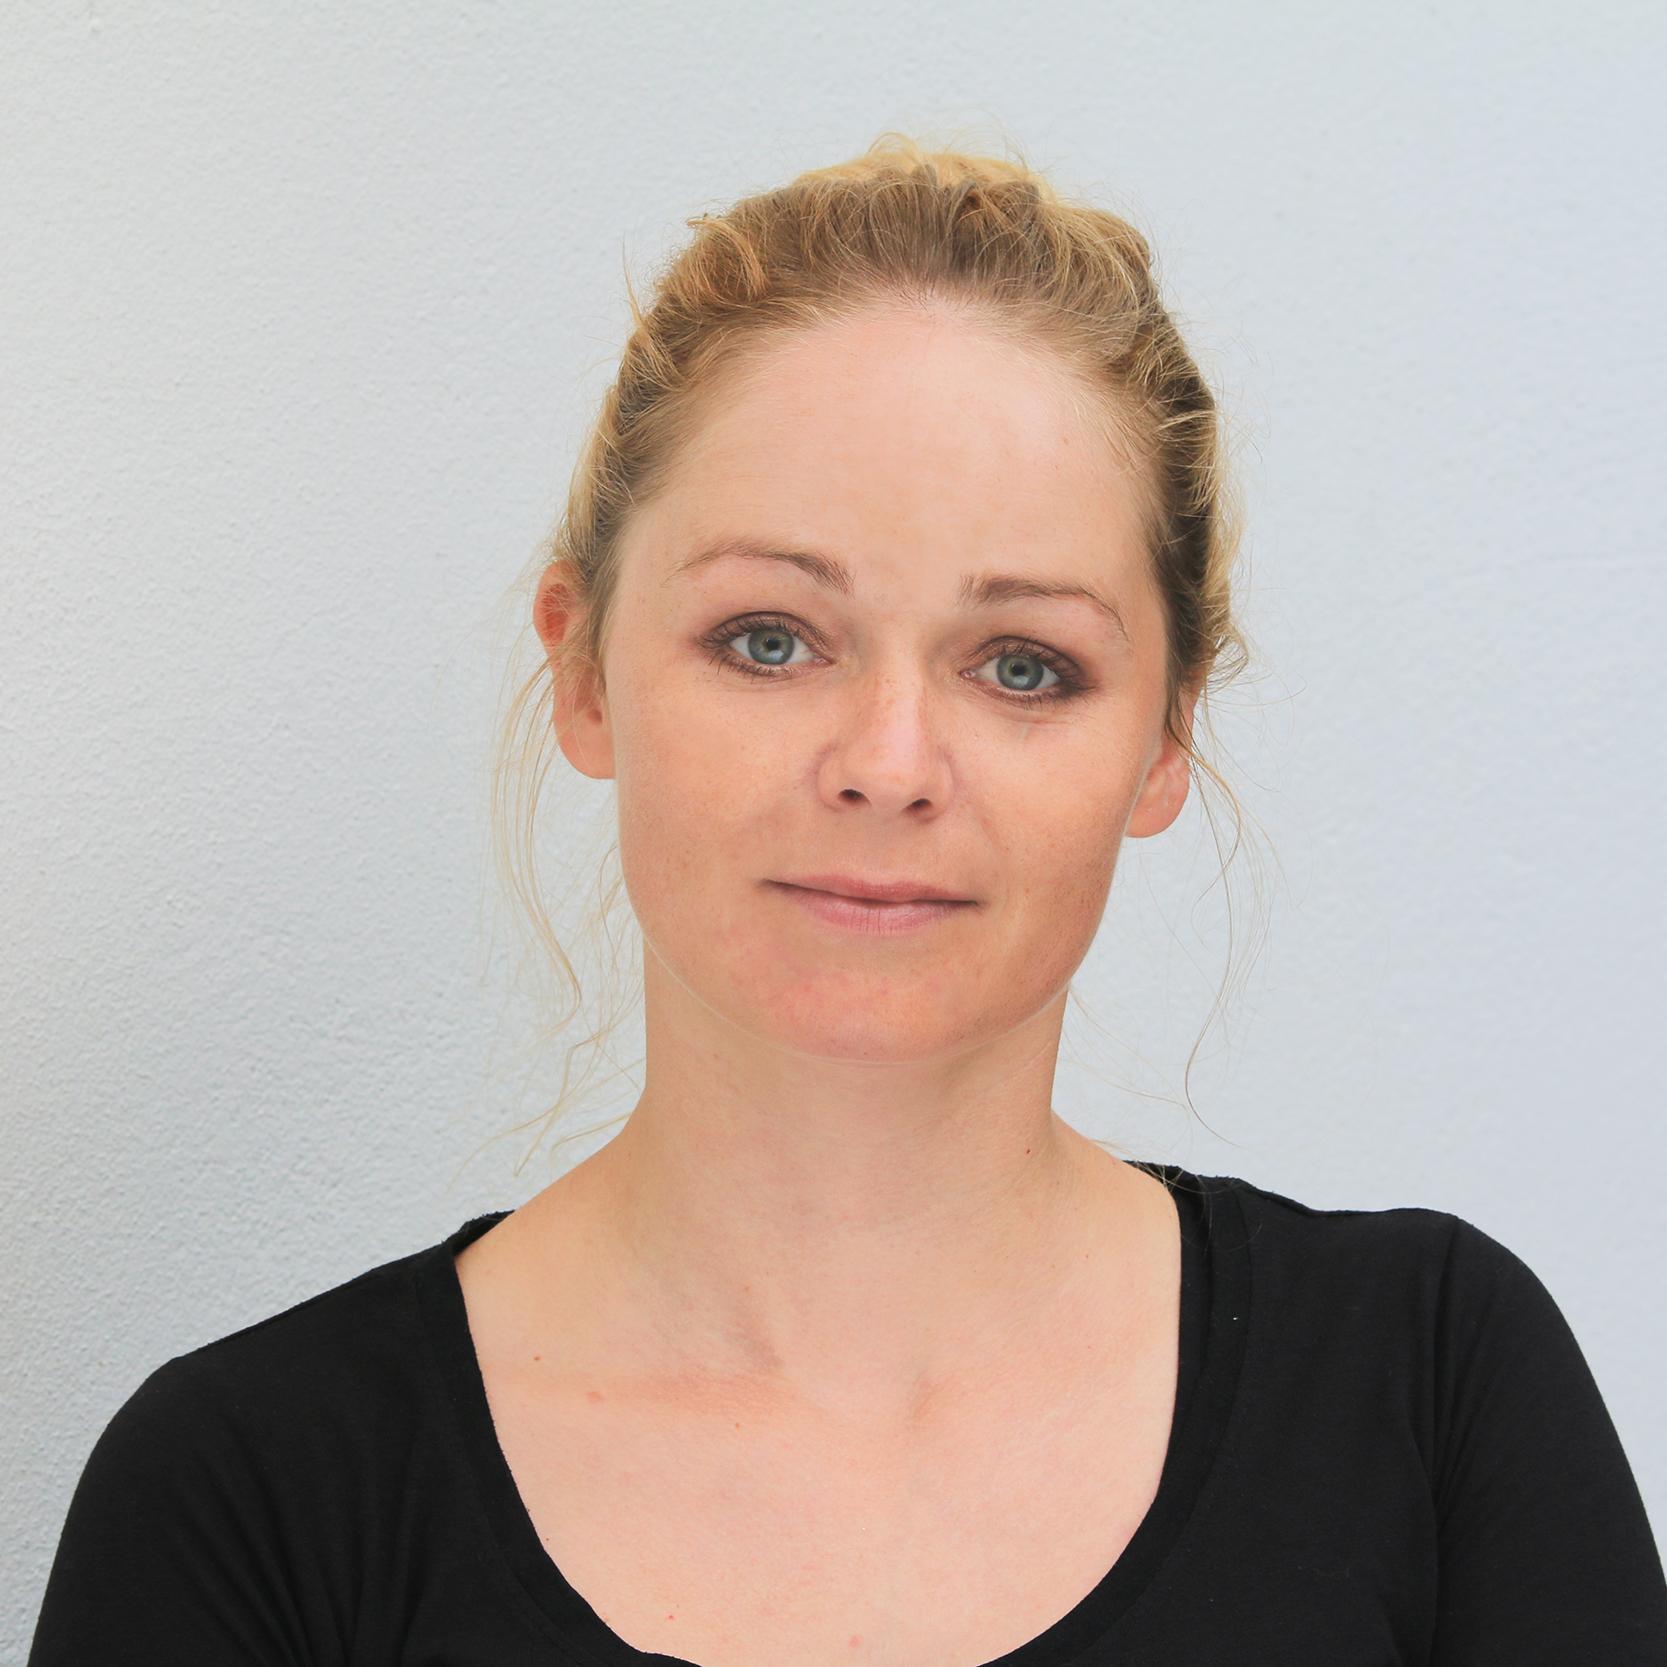 Miriam-Petersen-Profile-Pic-2018-Square